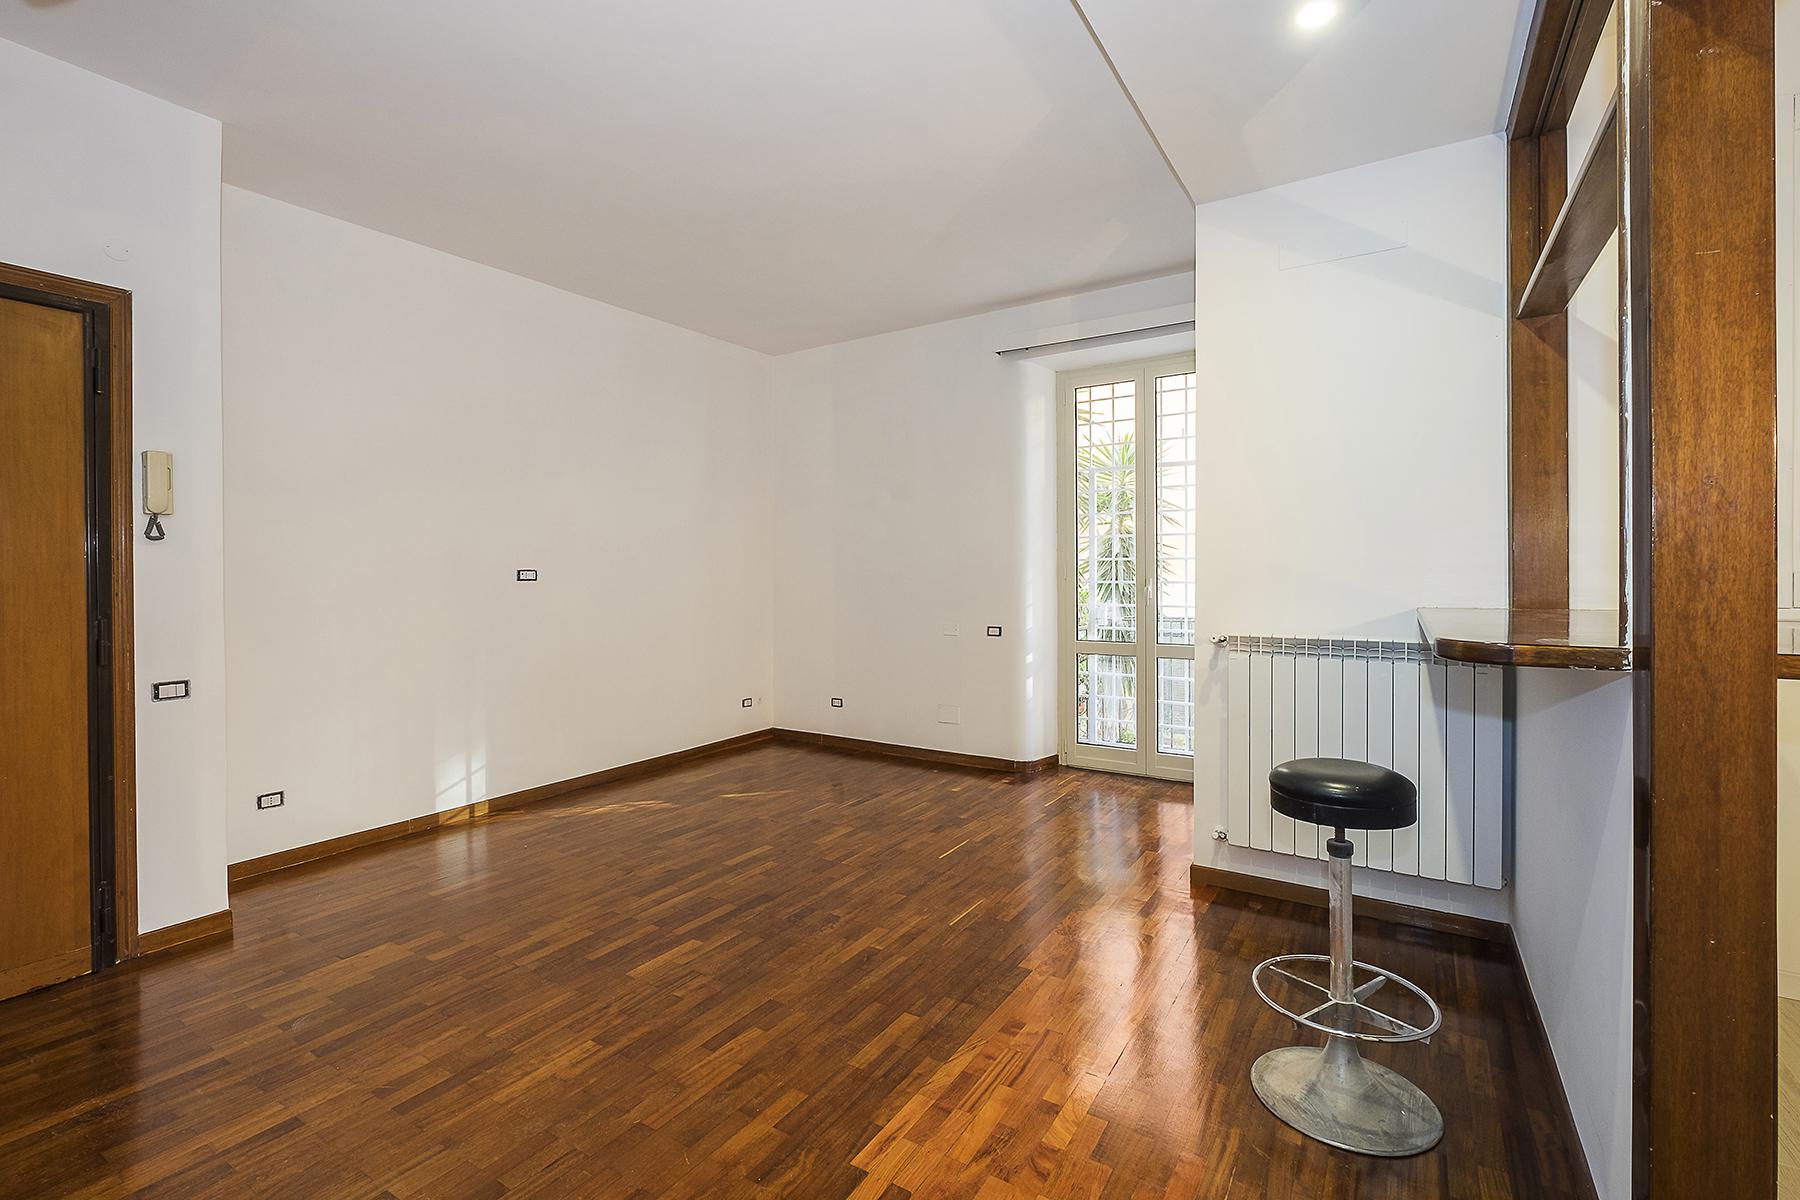 Appartamento di lusso in affitto a roma via nicolo 39 v for Locali uso ufficio in affitto a roma